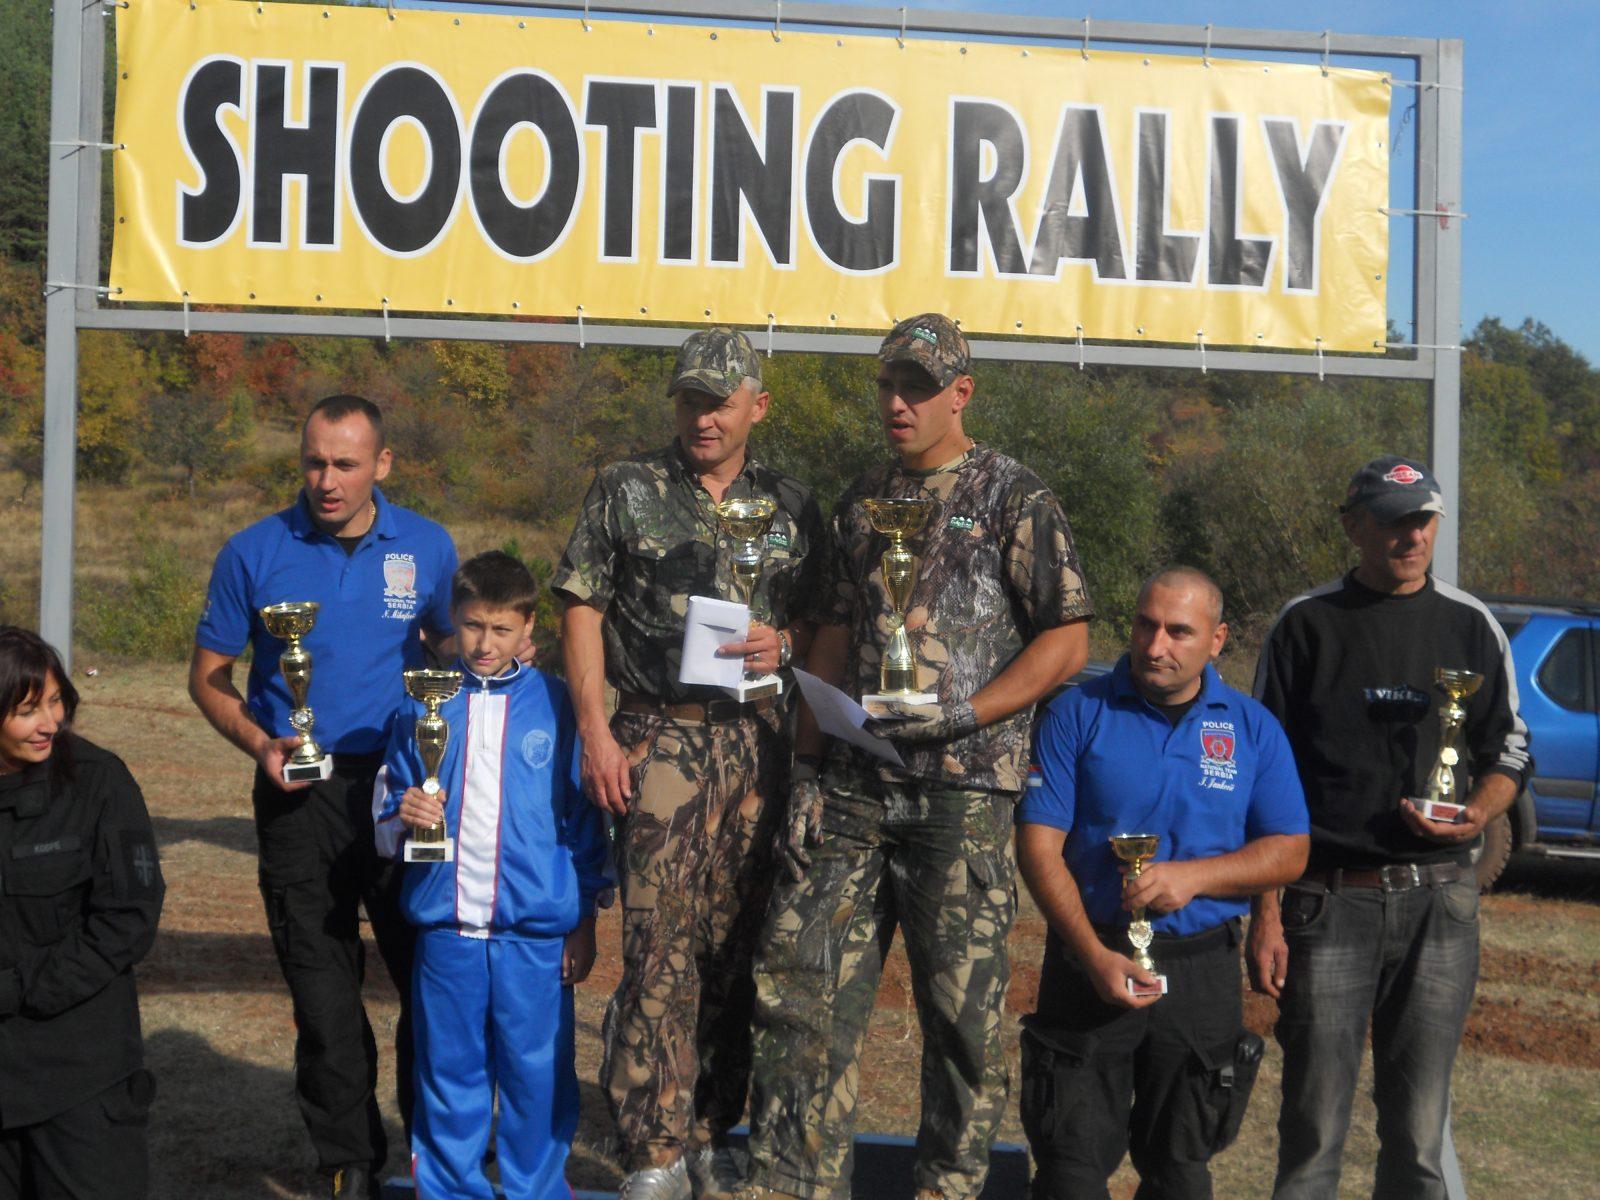 shooting rally nis